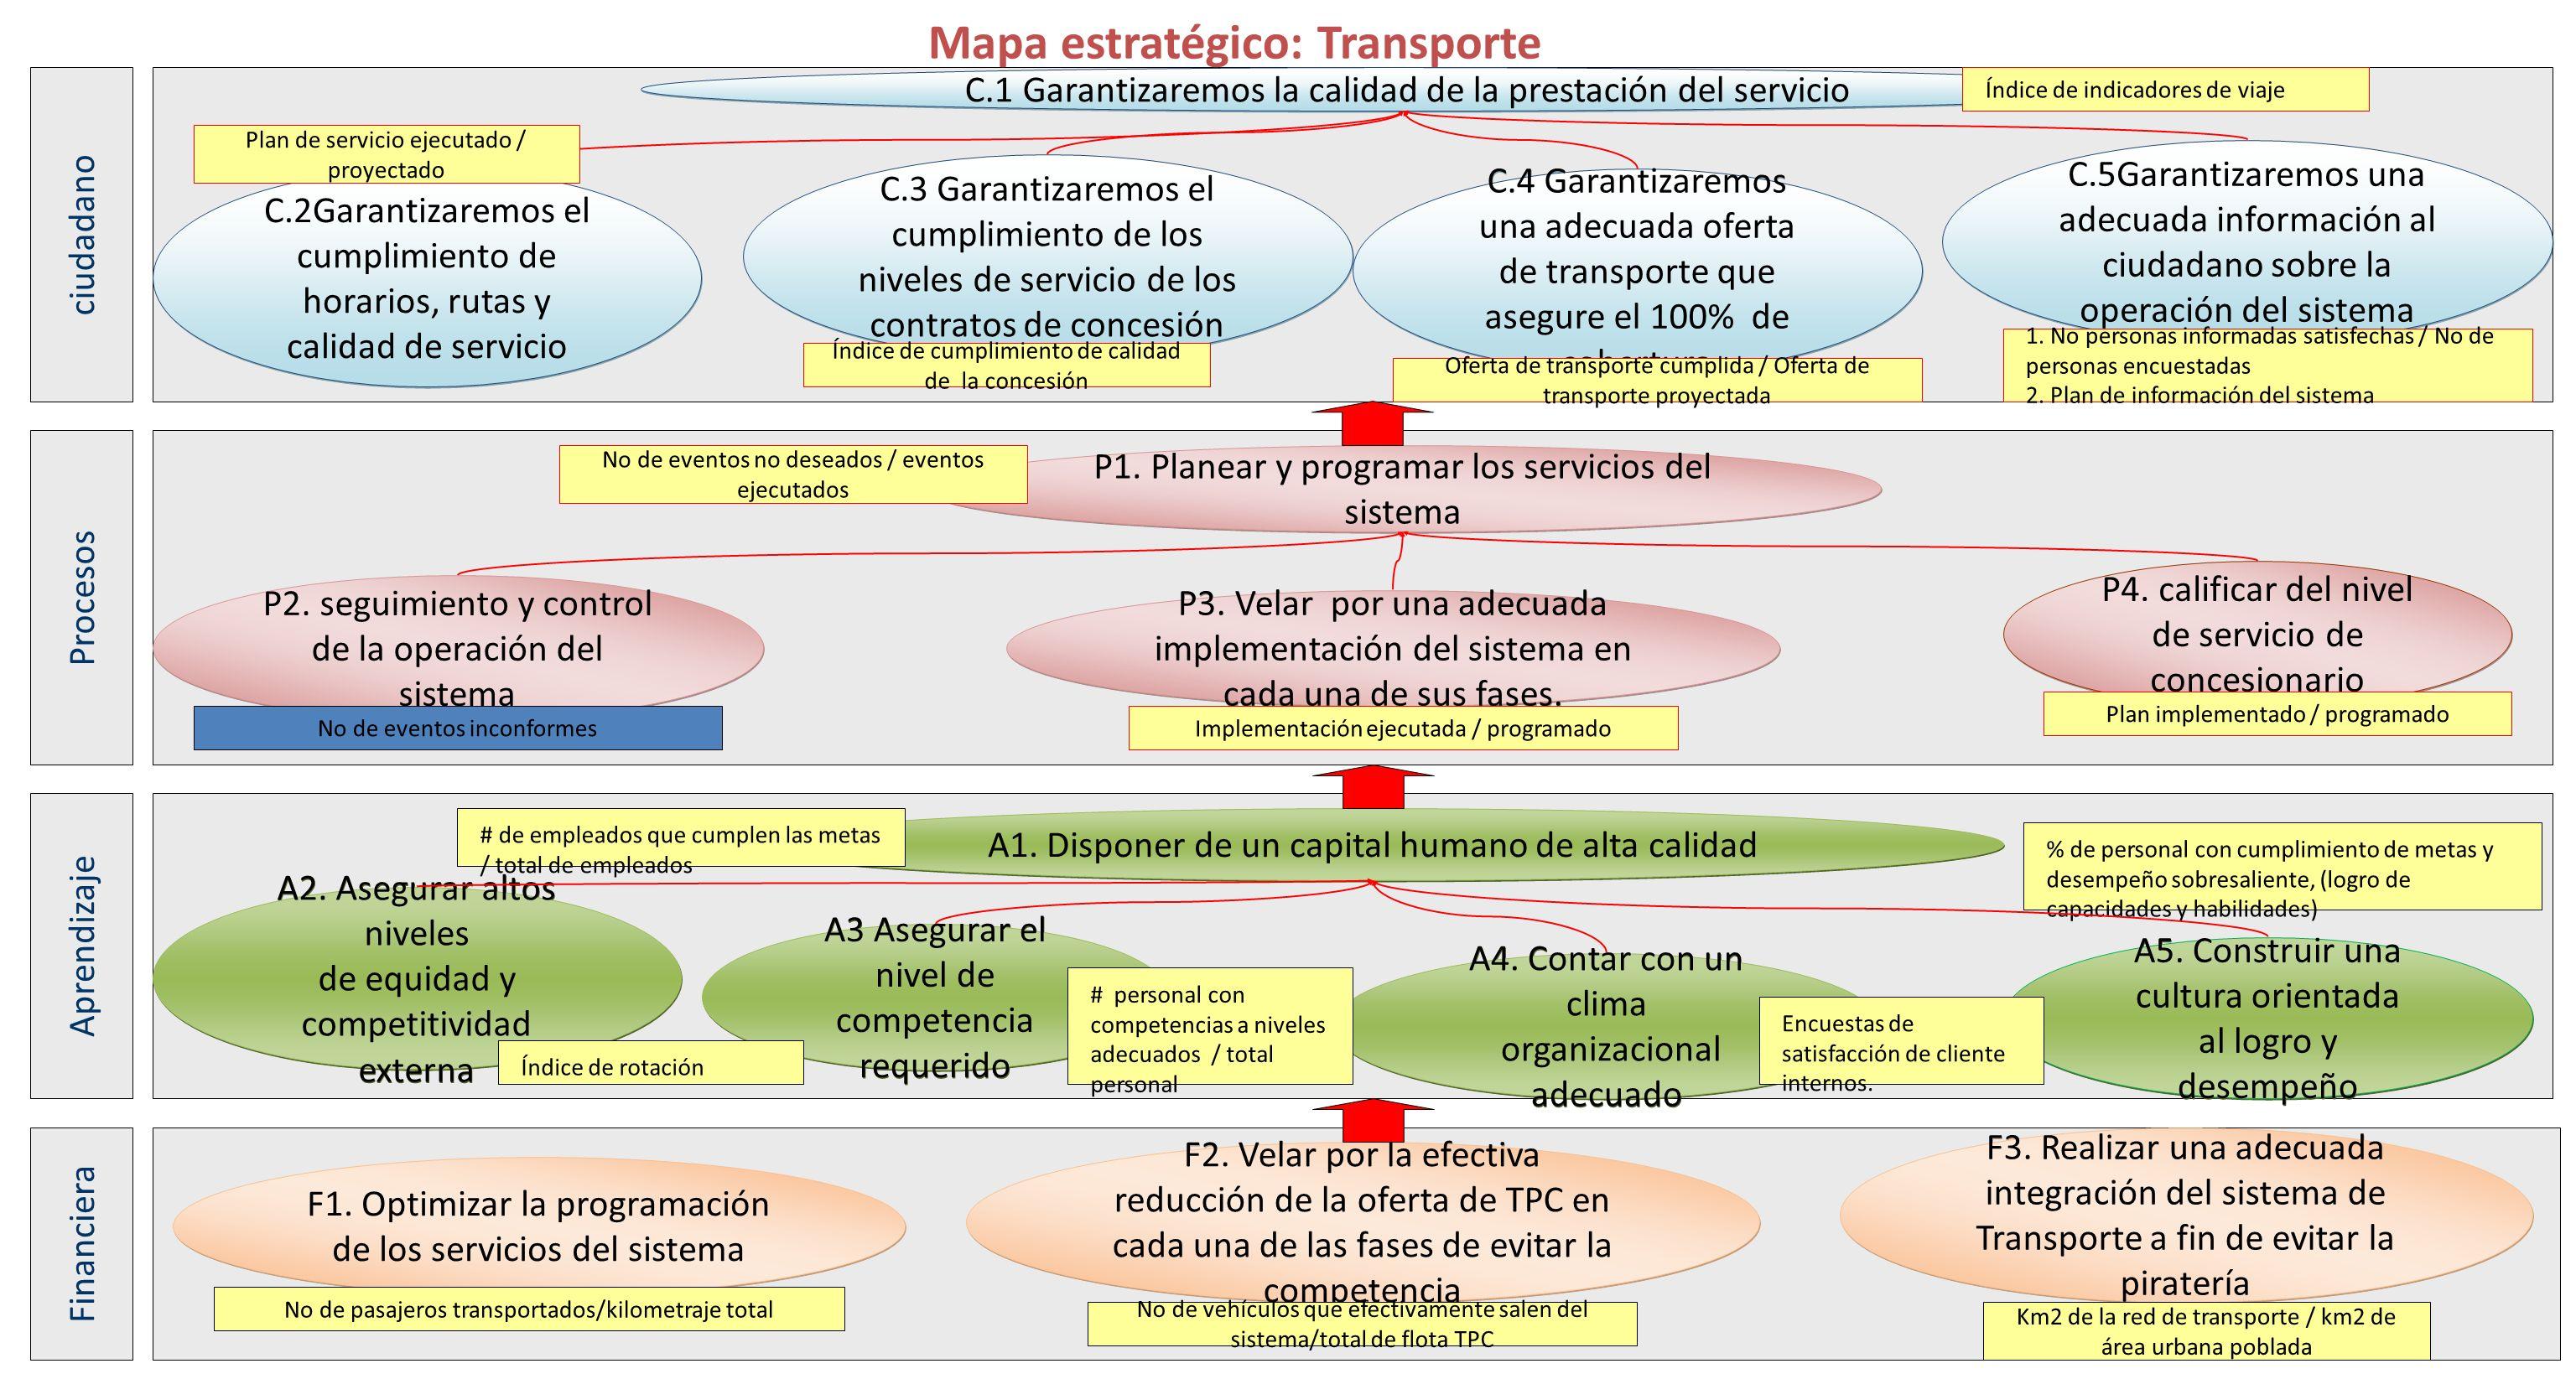 Mapa estratégico: Transporte P4. calificar del nivel de servicio de concesionario P3. Velar por una adecuada implementación del sistema en cada una de